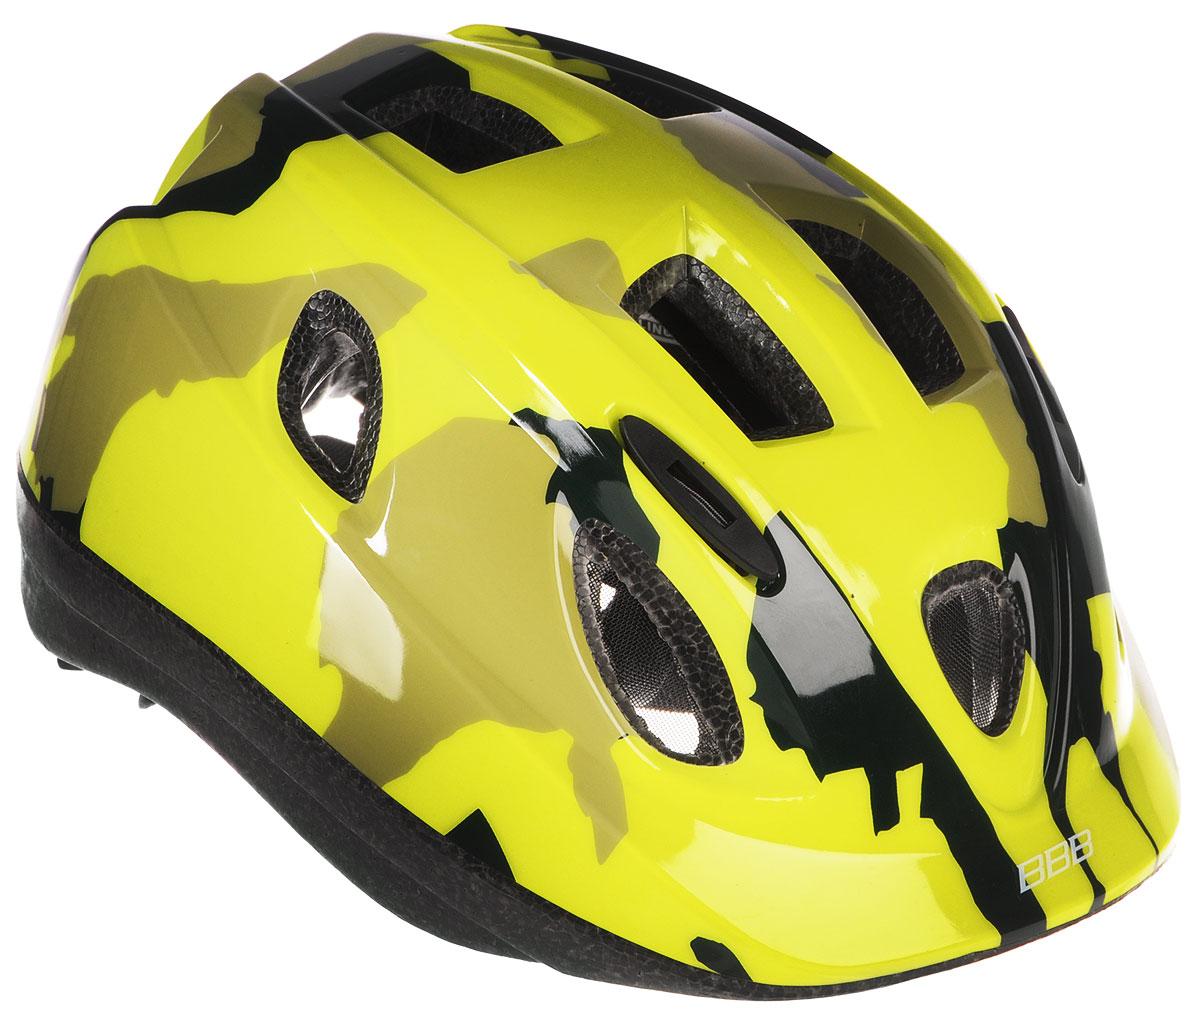 Шлем летний BBB Boogy. Камуфляж, цвет: желтый неон. Размер SBHE-37Детский шлем BBB Boogy. Камуфляж предназначен для велосипедистов, скейтбордистов и роллеров. Изделие снабжено настраиваемыми ремешками для максимально комфортной посадки. Система TwistClose - позволяет настроить шлем одной рукой. Увеличенное количество вентиляционных отверстий гарантирует отличную циркуляцию воздуха на разных скоростях движения при сохранении жесткости. Шлем оснащен съемными мягкими накладками с антибактериальными свойствами. Внутренняя часть изделия изготовлена из пенополистирола. Ее роль заключается в рассеивании энергии при ударе, что защищает голову. Верхняя часть шлема, выполненная из прочного пластика, препятствует разрушению изделия, защищает шлем от прокола и позволять ему скользить при ударах. Способность шлема скользить по поверхности является важной его характеристикой, так как при падении движение уменьшается не сразу, а постепенно, снижая тем самым нагрузку на голову и шею. Надежный шлем с...